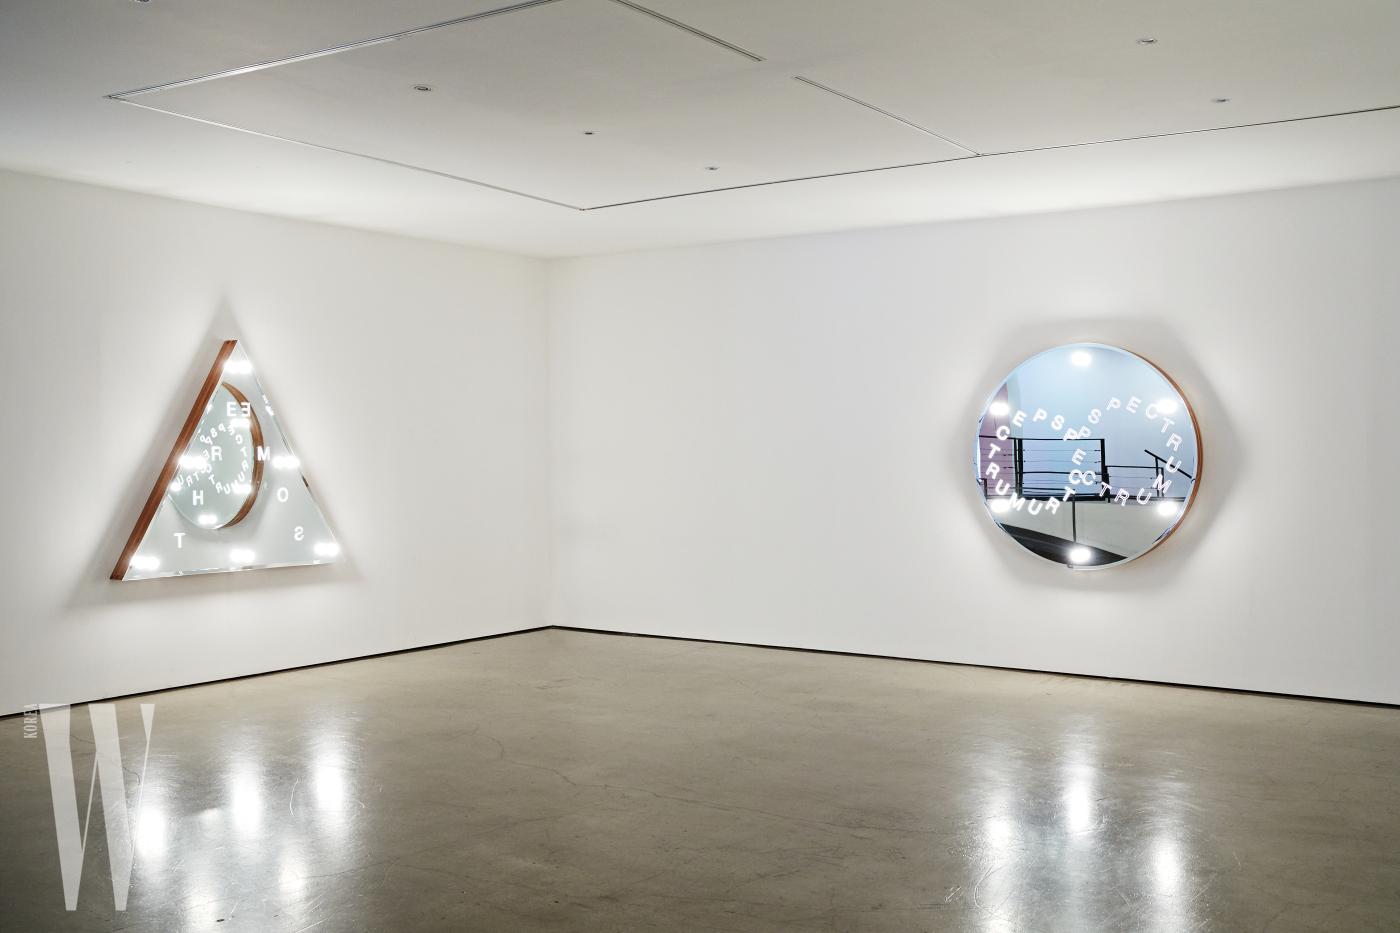 신작인 'Vanity' 연작 앞에 서면 거울에 관객의 모습이 비치고 관객 역시 작품의 일부가 된다.